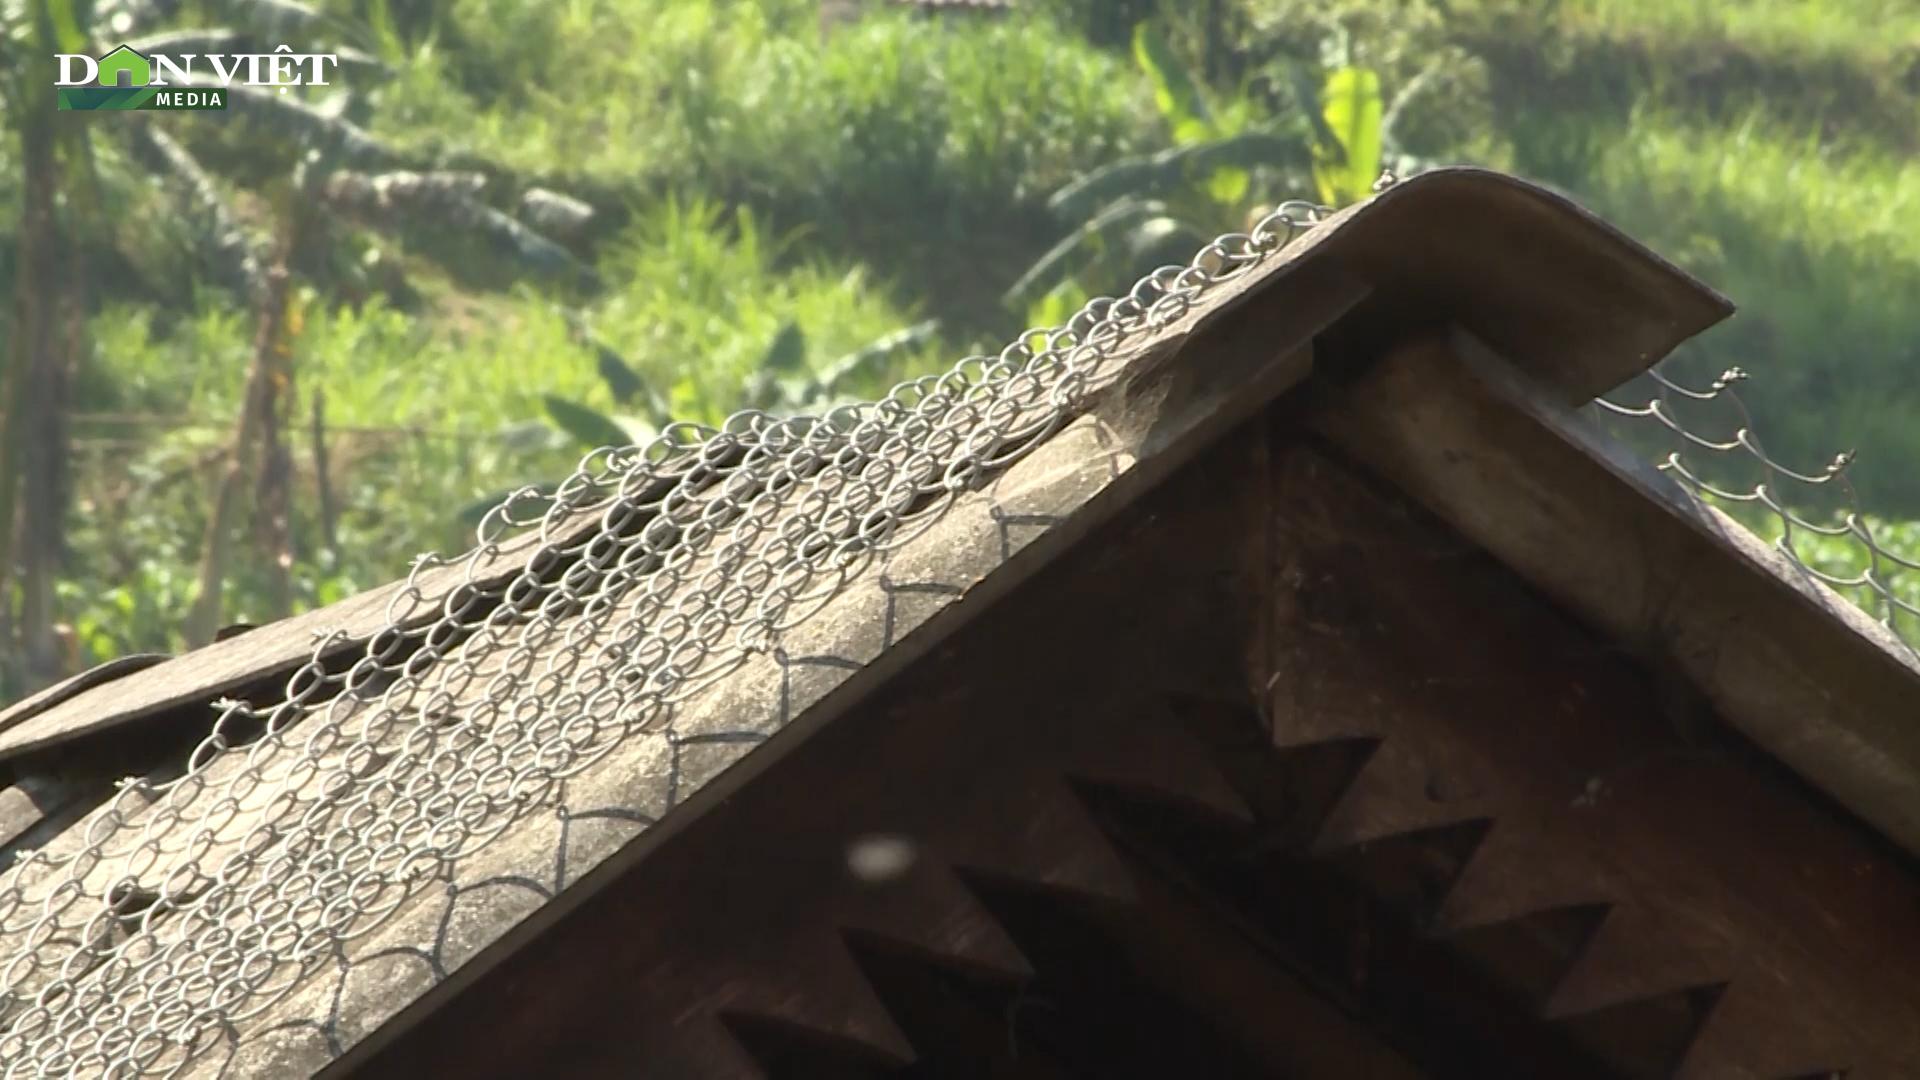 Hà Giang: Gia cố lại mái nhà bằng lưới thép B40 để phòng giông lốc, gió lớn - Ảnh 2.